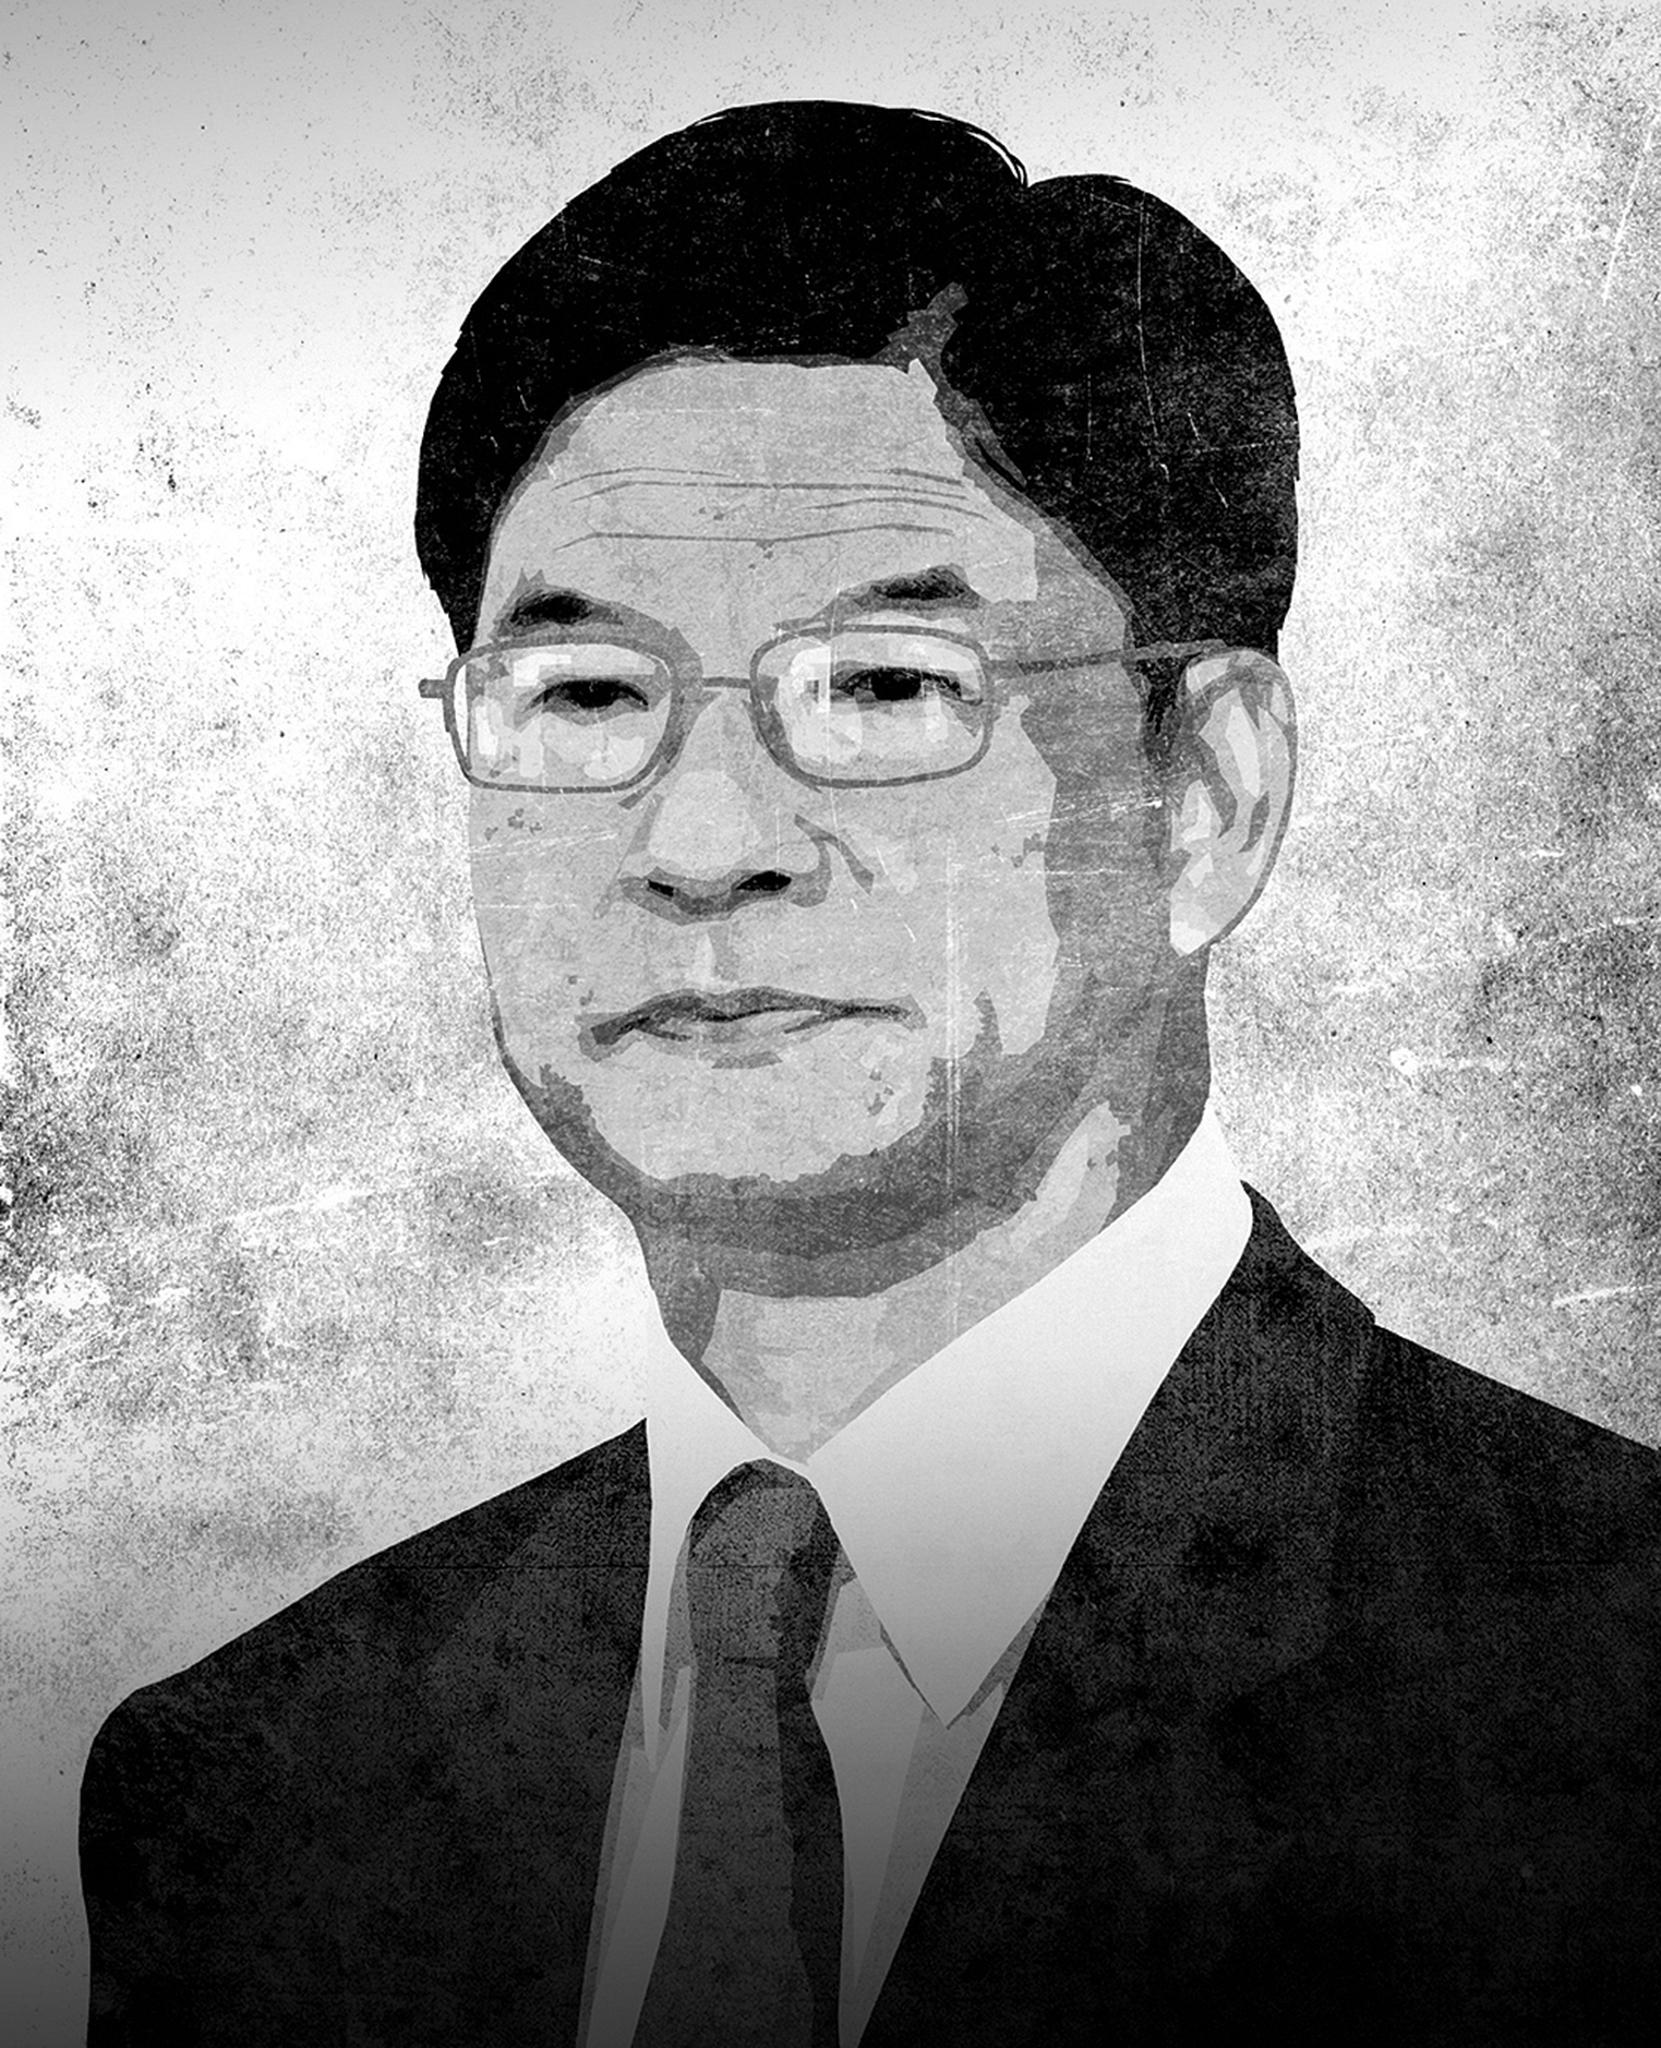 Ministério Público | Oficializada demissão de Ho Chio Meng como procurador-adjunto